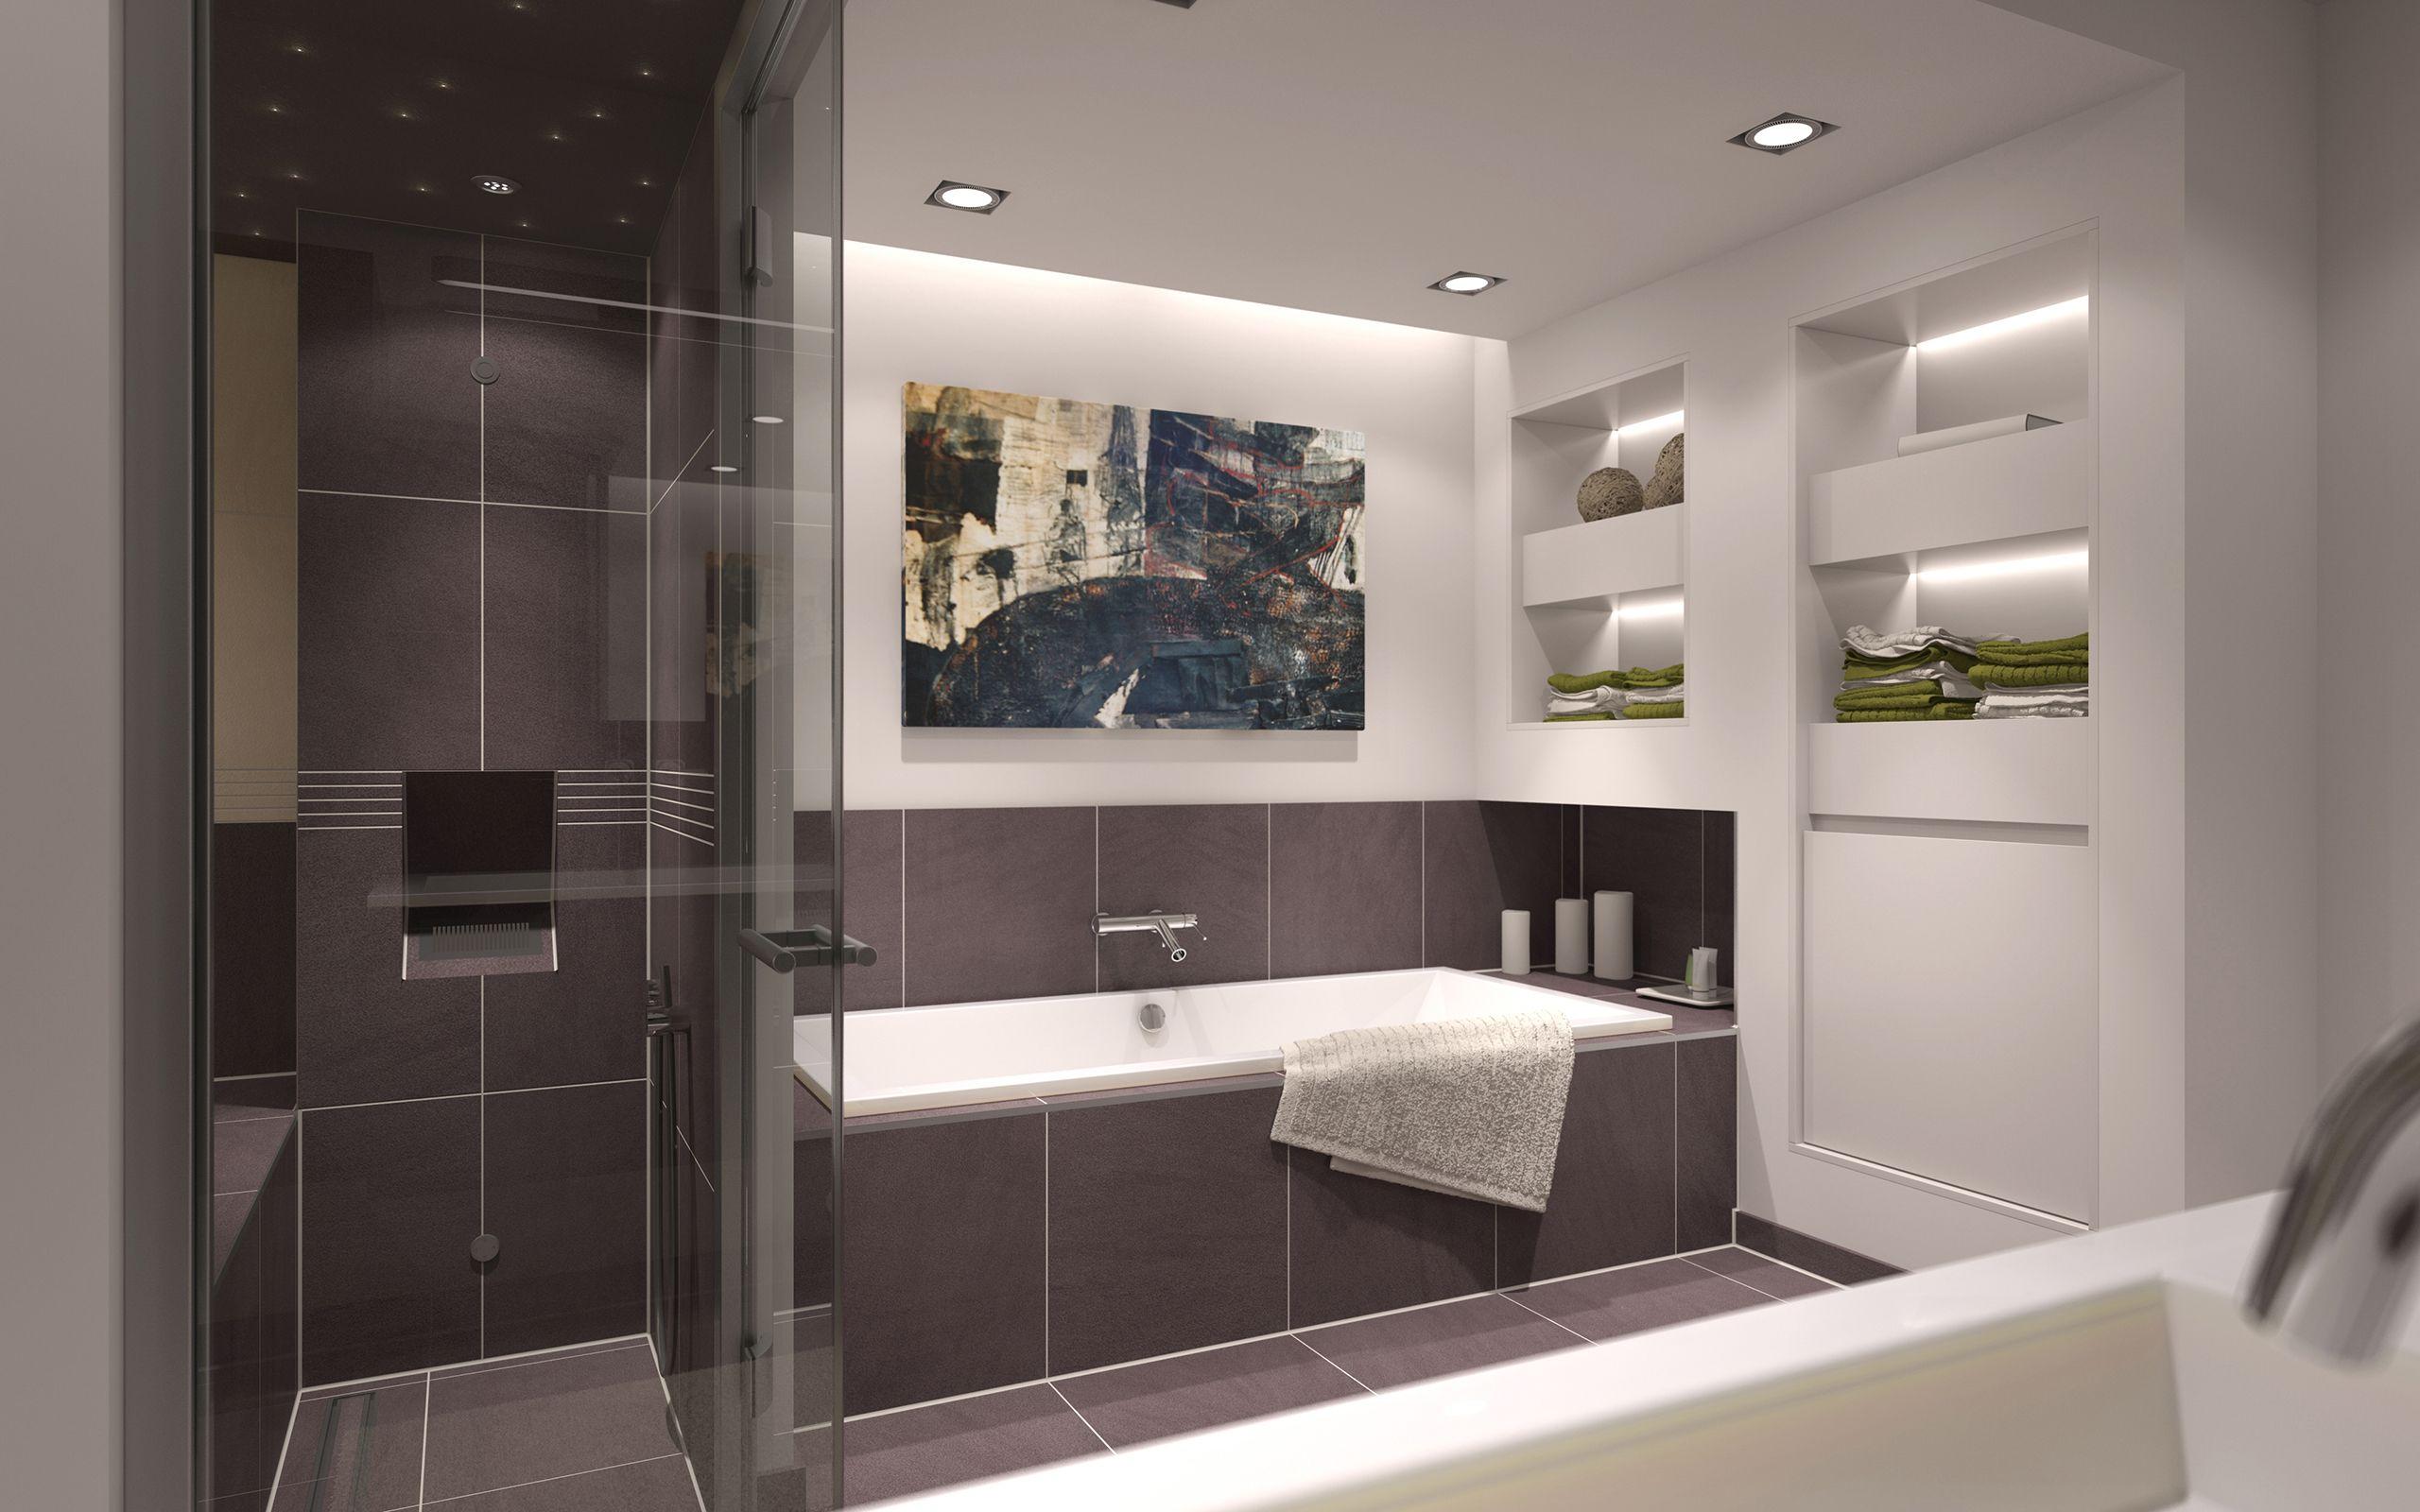 badezimmer auf 6 qm kosten badsanierung 6qm sch n best kosten badezimmer badezimmer. Black Bedroom Furniture Sets. Home Design Ideas